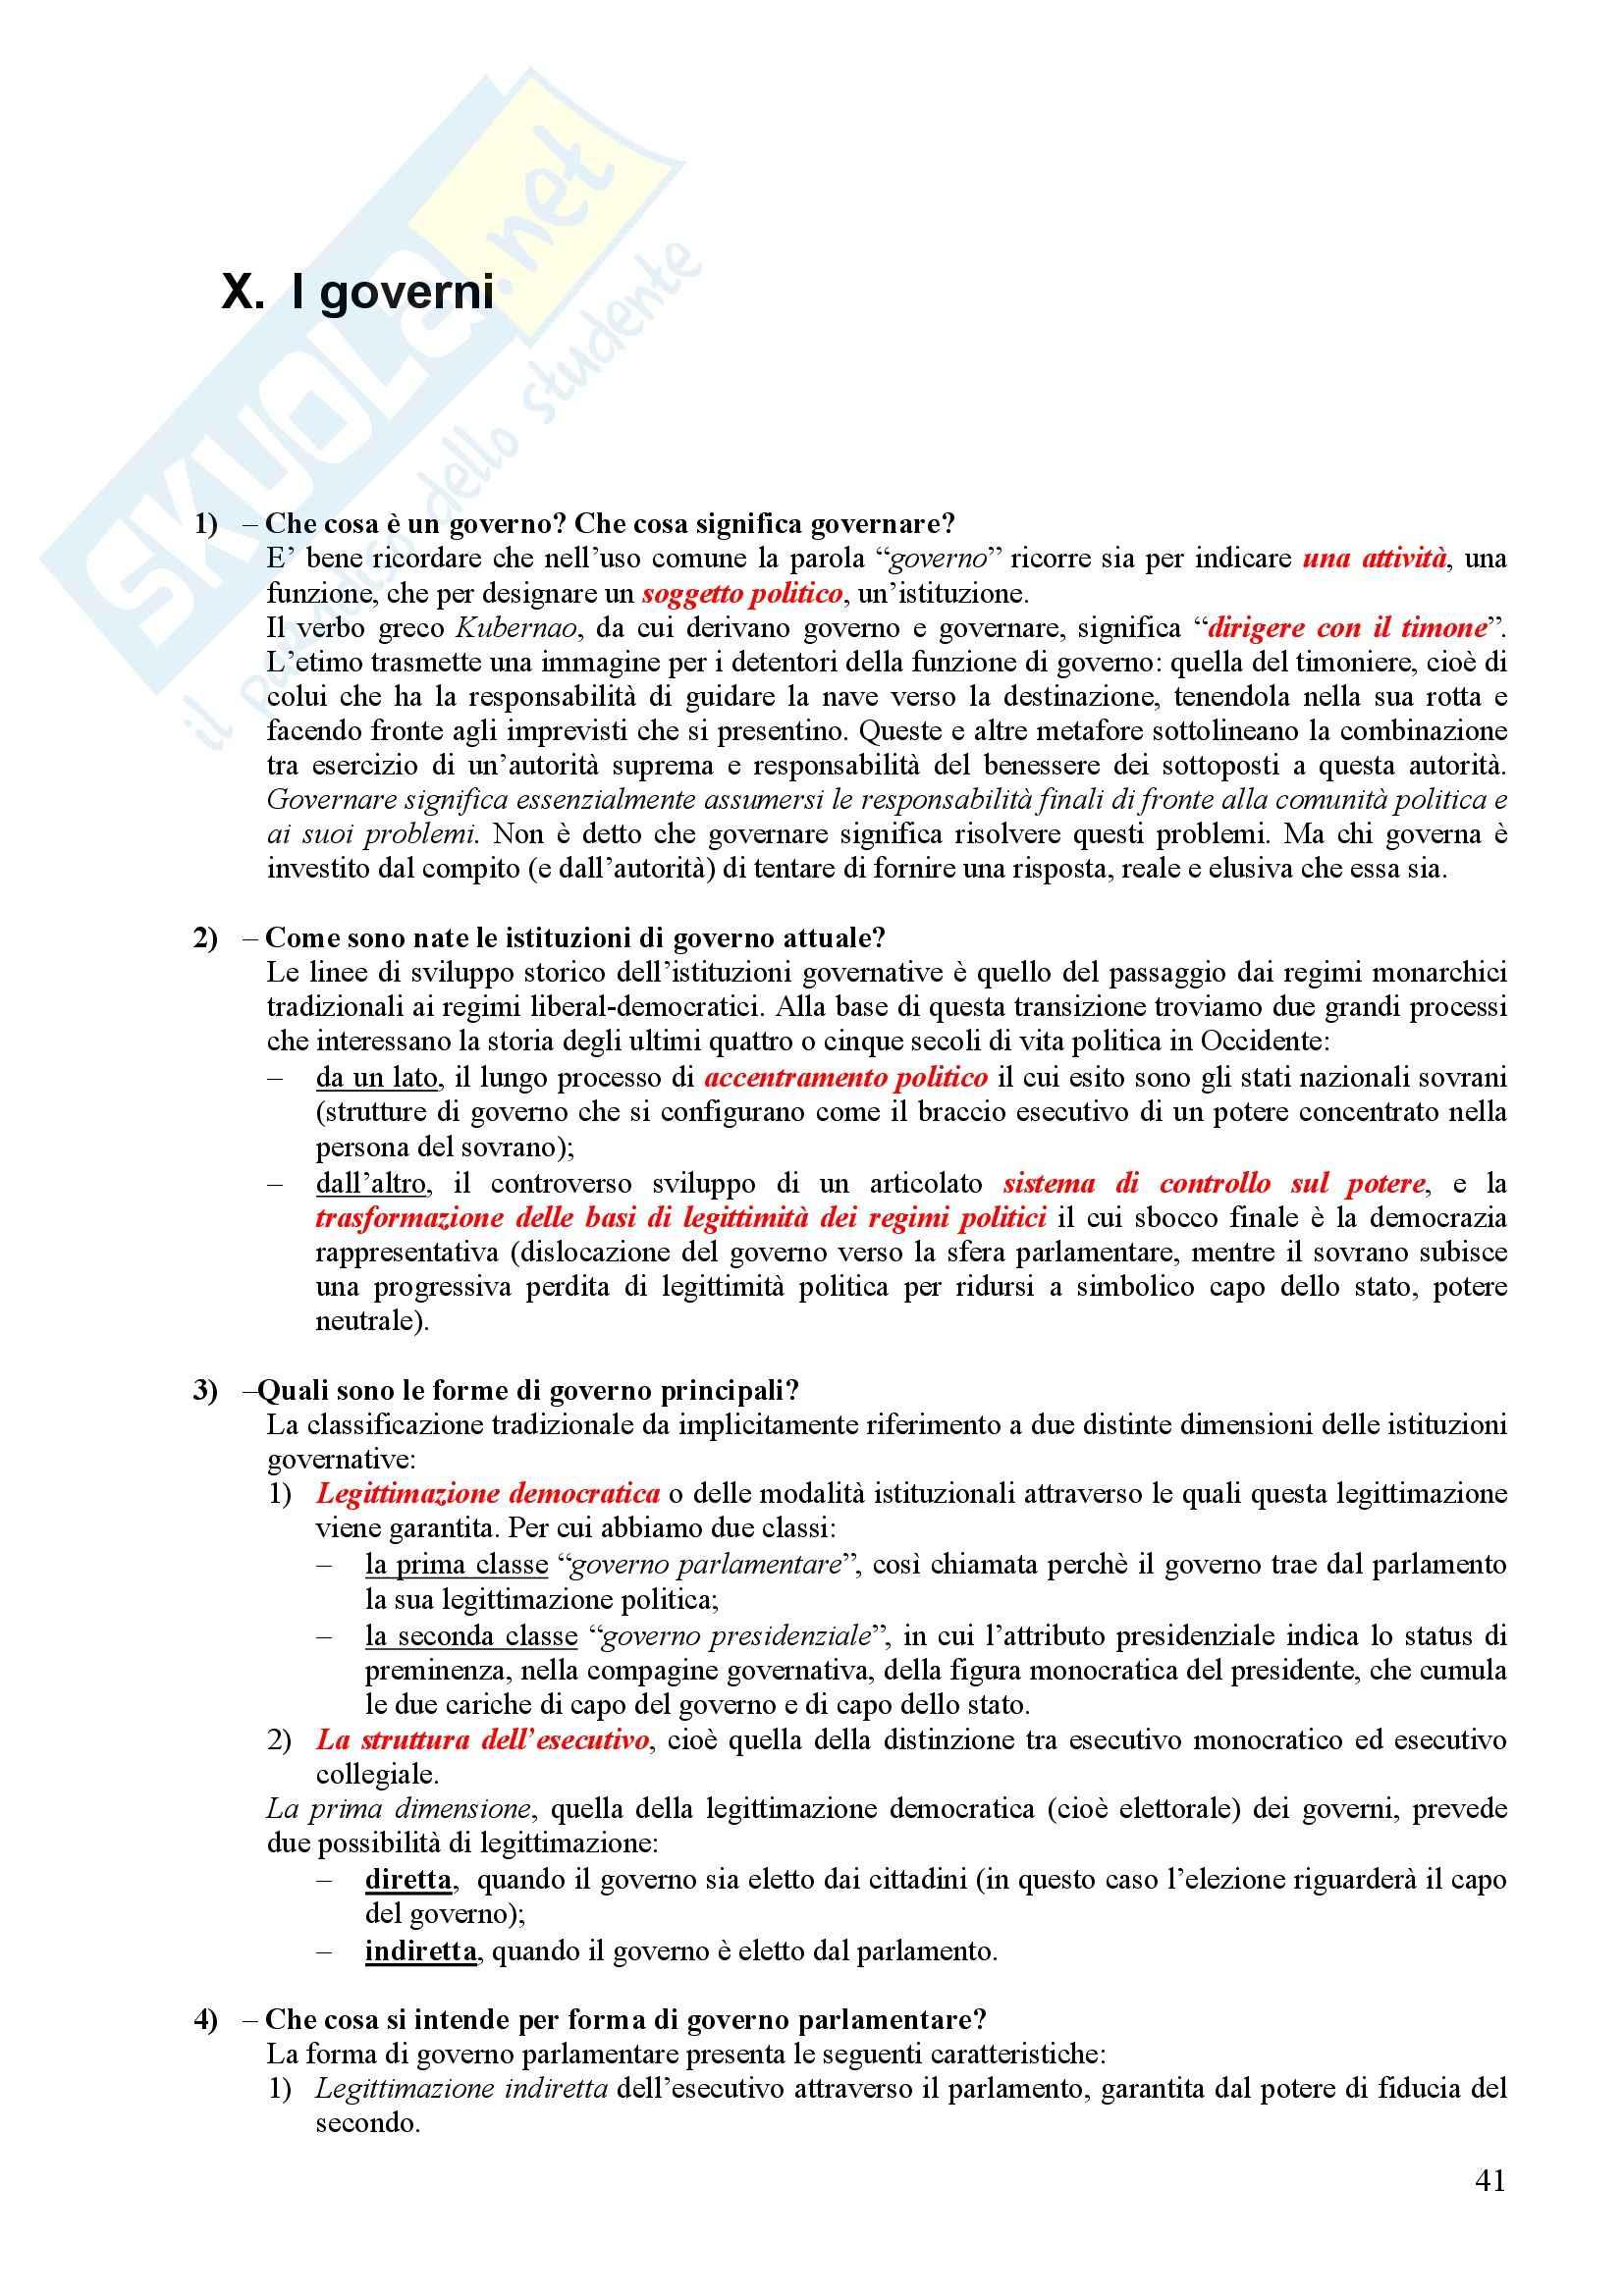 Scienza politica - Domande e risposte Pag. 41